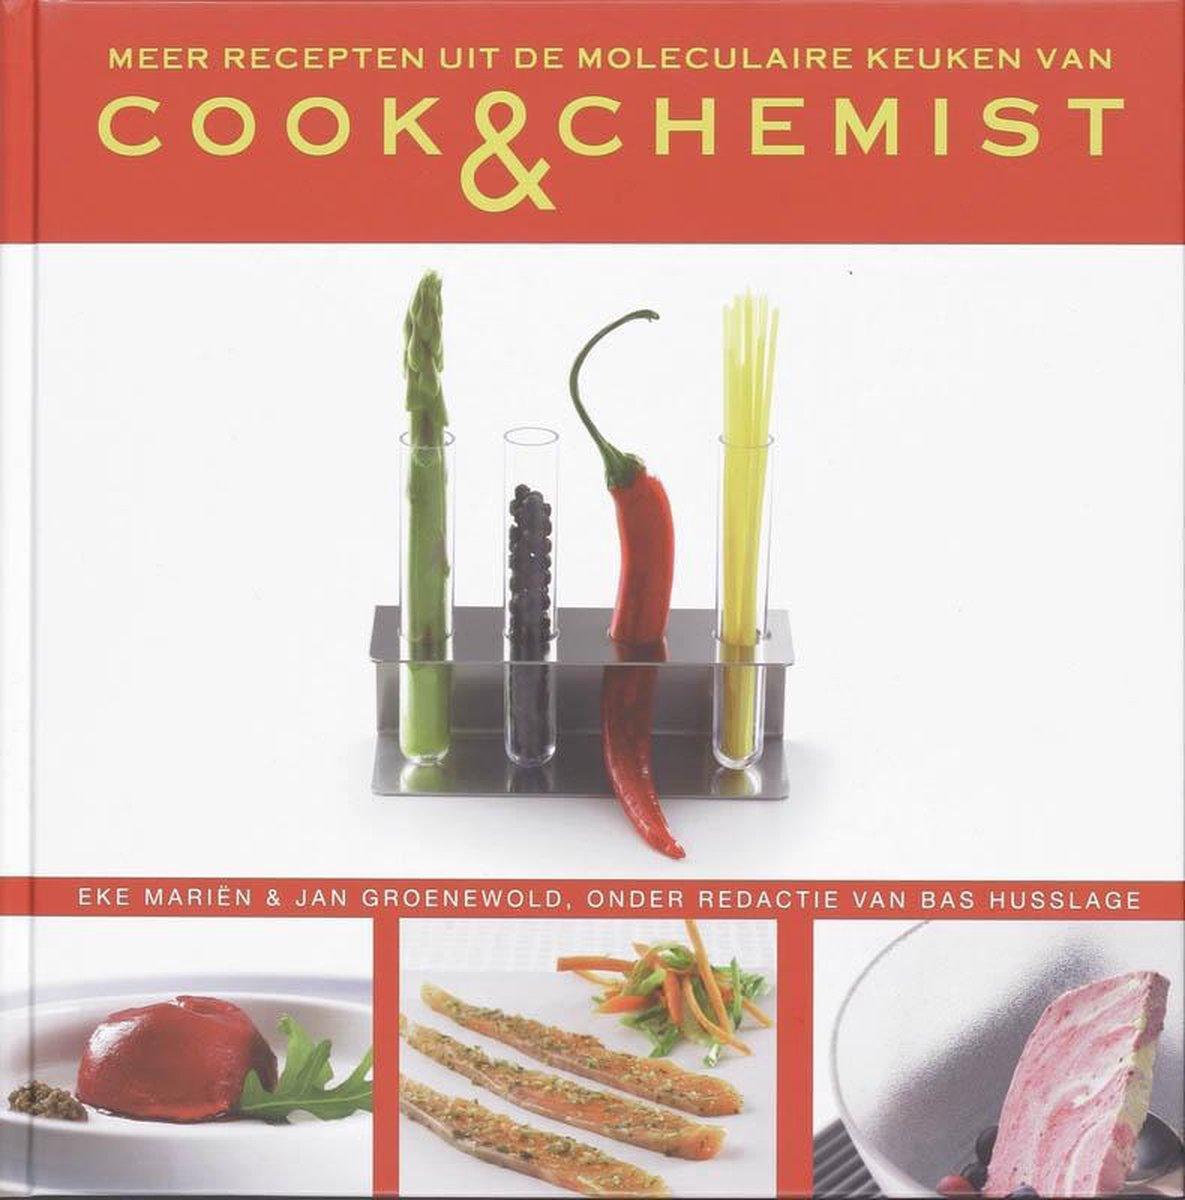 Meer recepten uit de moleculaire keuken van Cook & Chemist